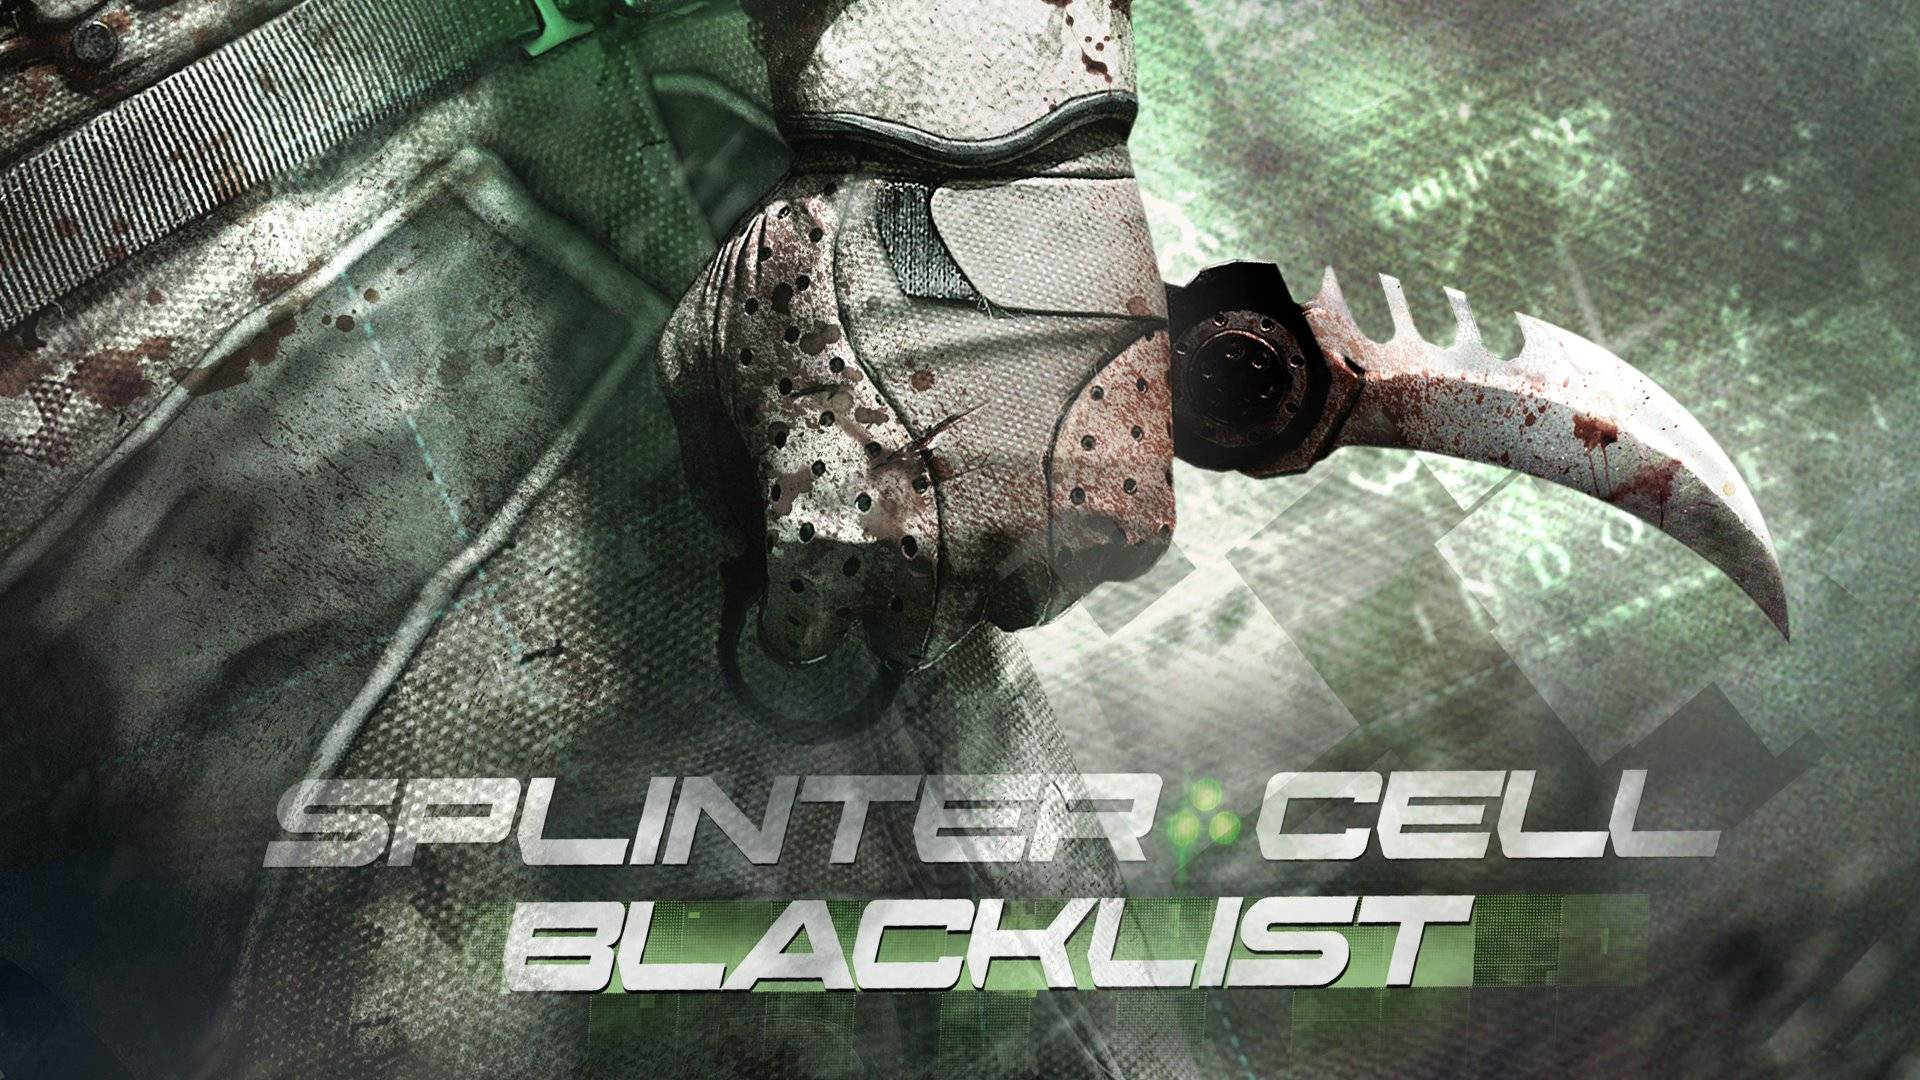 Splinter Cell Blacklist wallpaper 8 WallpapersBQ 1920x1080